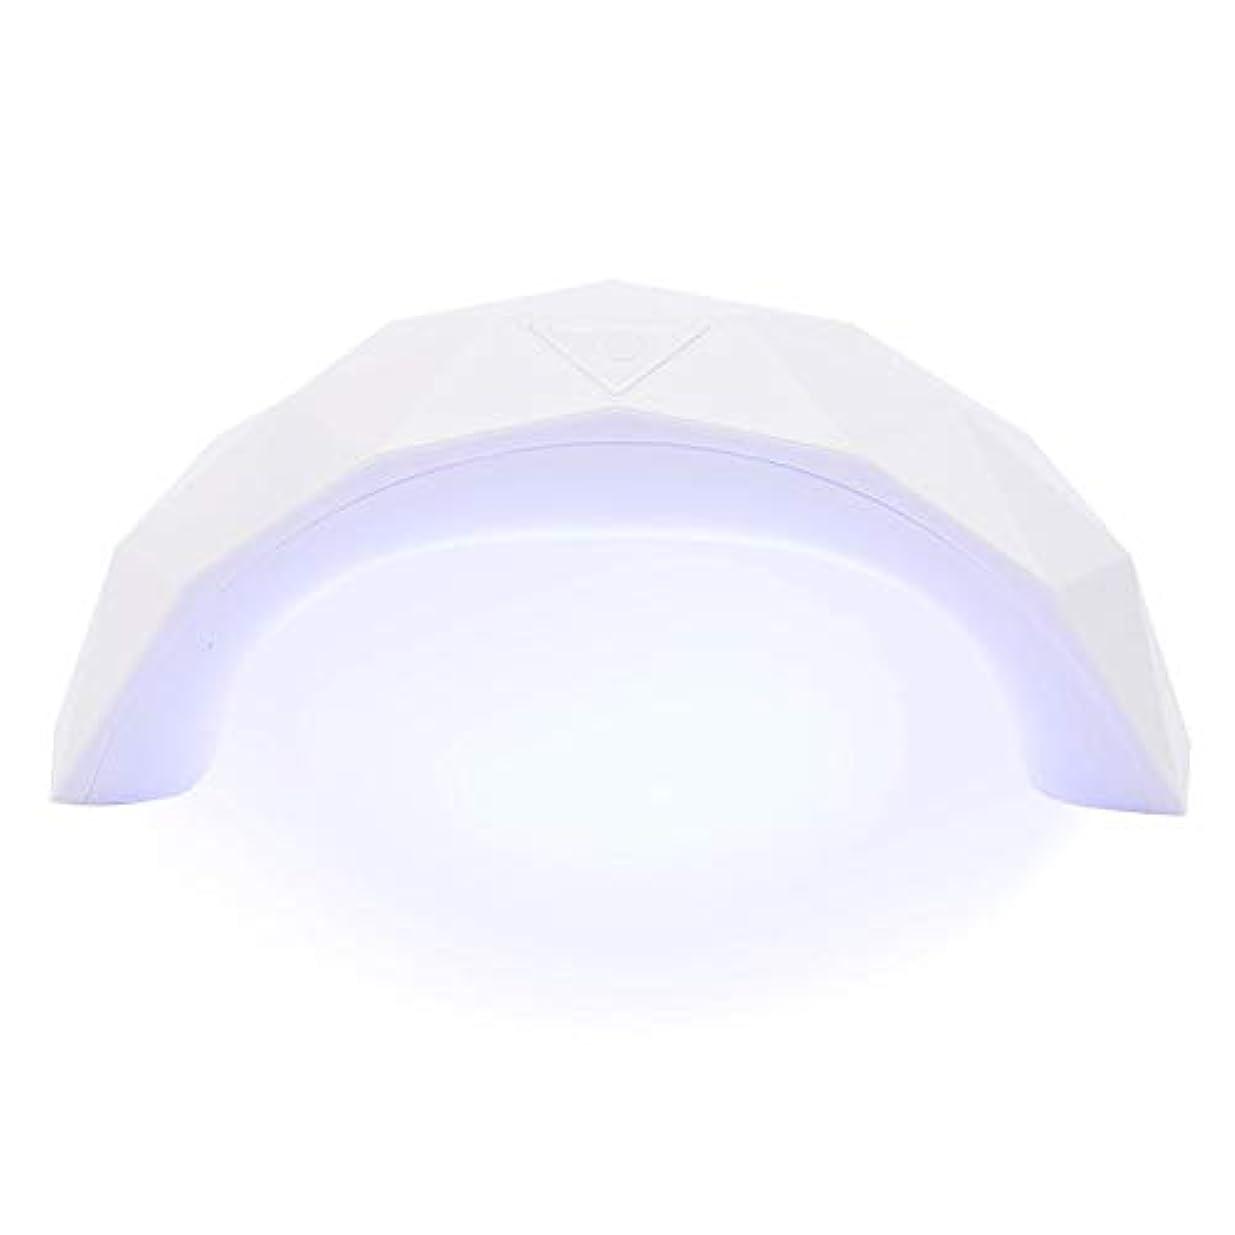 メンタル不誠実はげ硬化用ライト 9W  LED UV ネイルドライヤー 赤外線美白機能付き スマートライトミニ